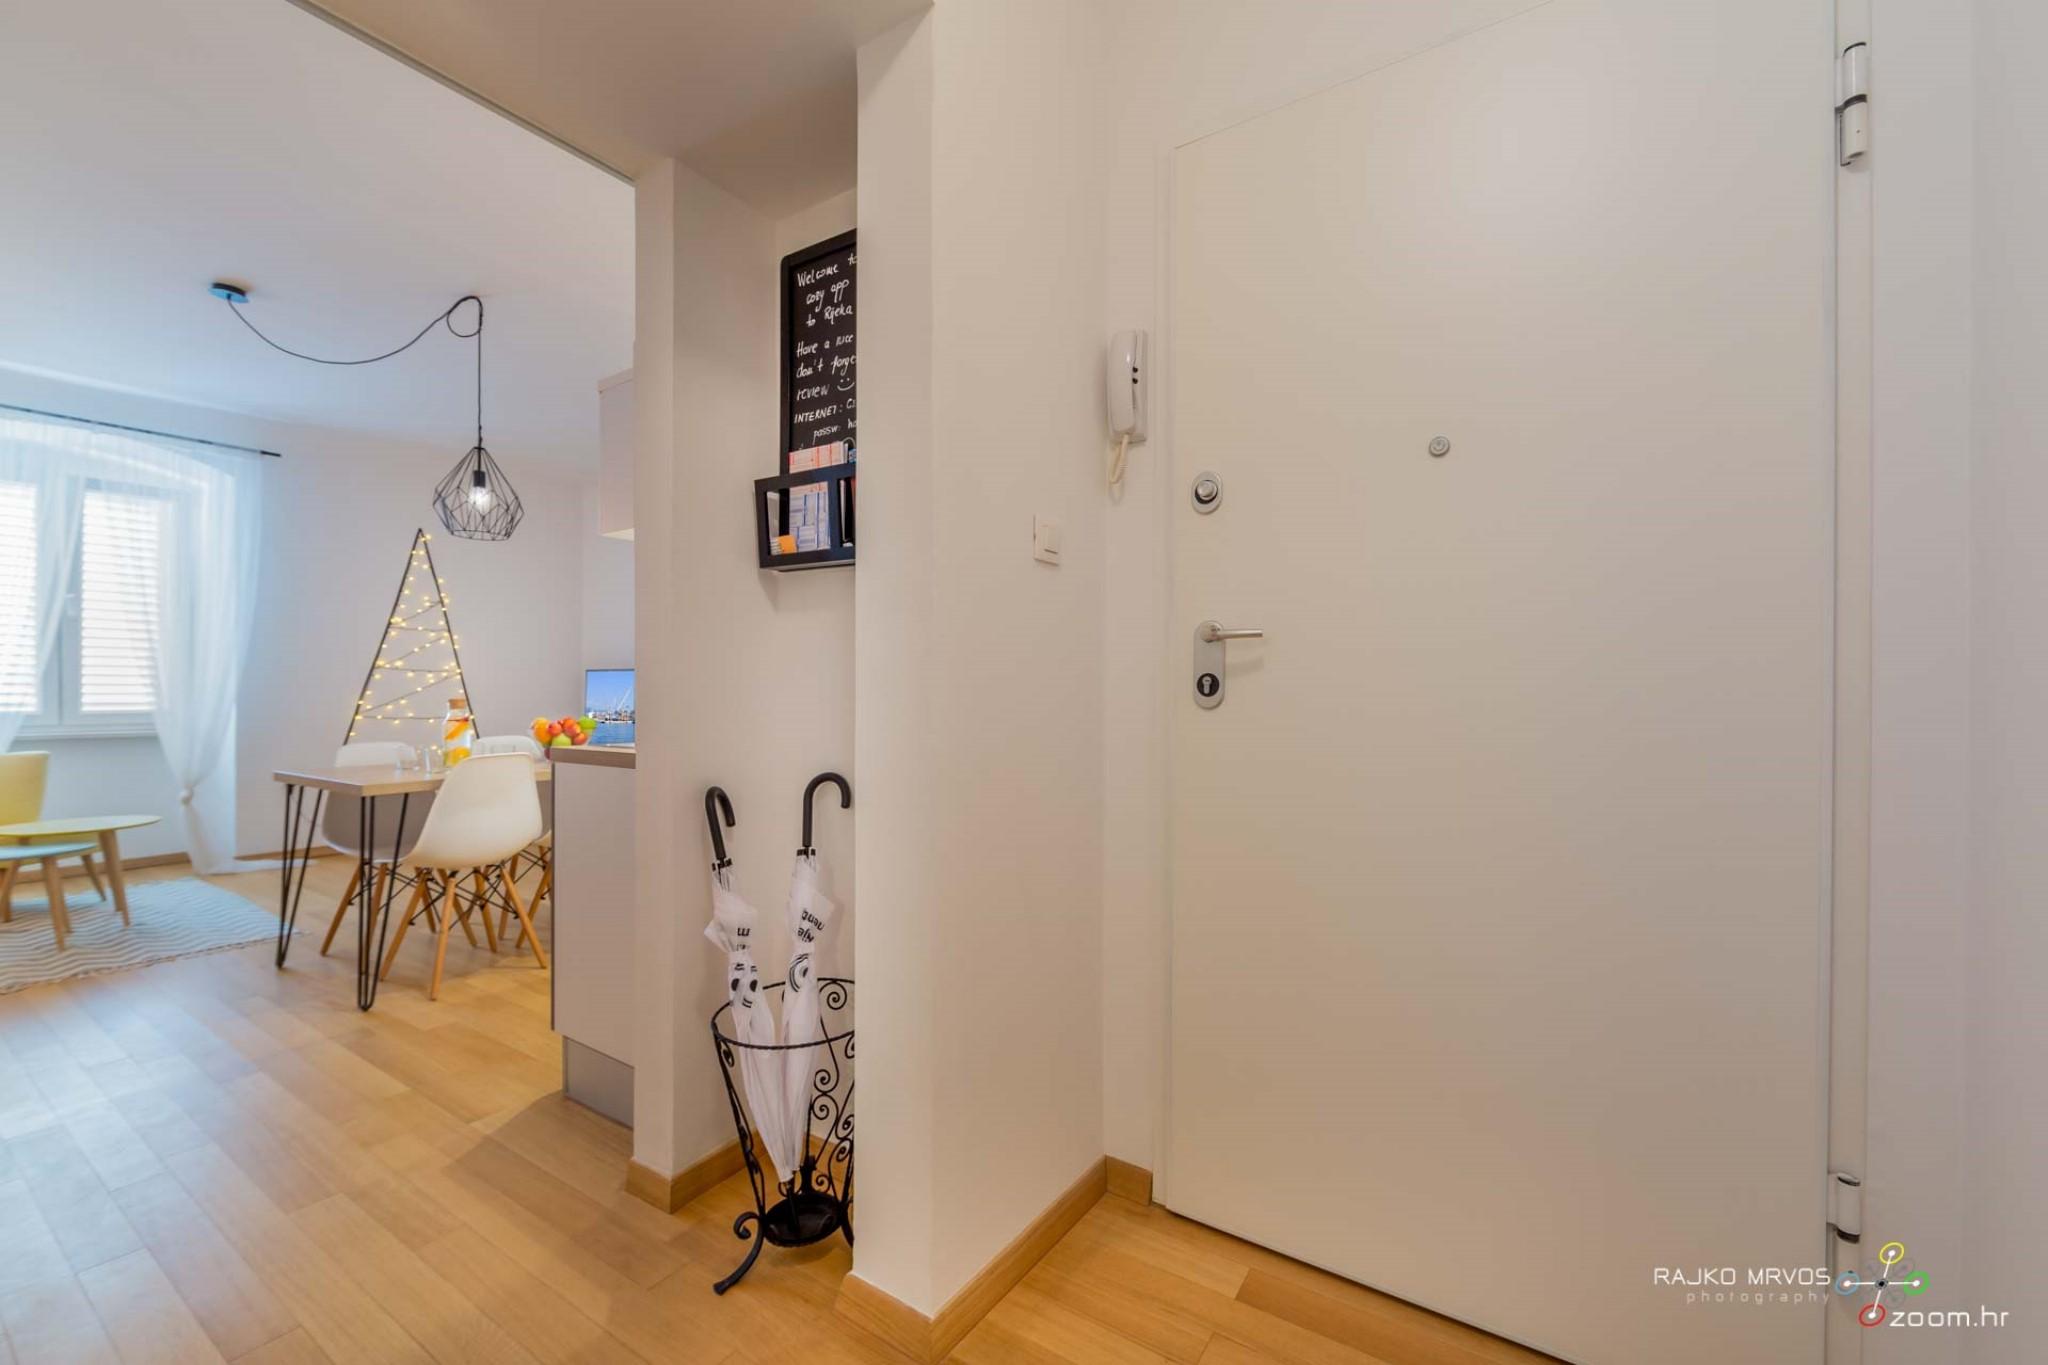 fotograf-interijera-fotograf-eksterijera-slikanje-apartmana-Central-Rijeka-Apartments-1